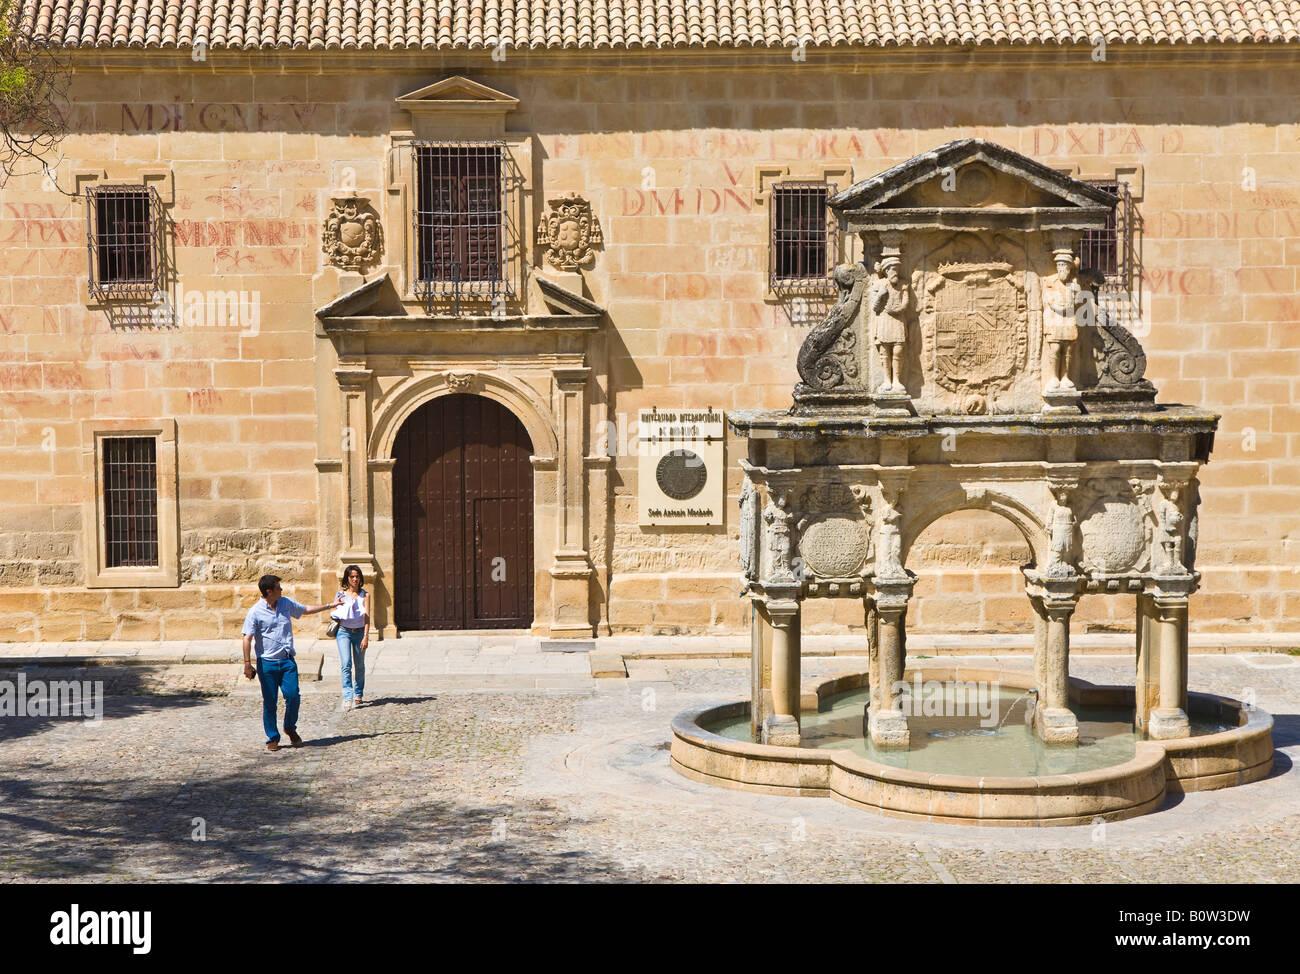 Baeza Jaen Province Spain 16th century Fuente de Santa Maria in Plaza de Santa Maria Seminario de San Felipe Neri - Stock Image